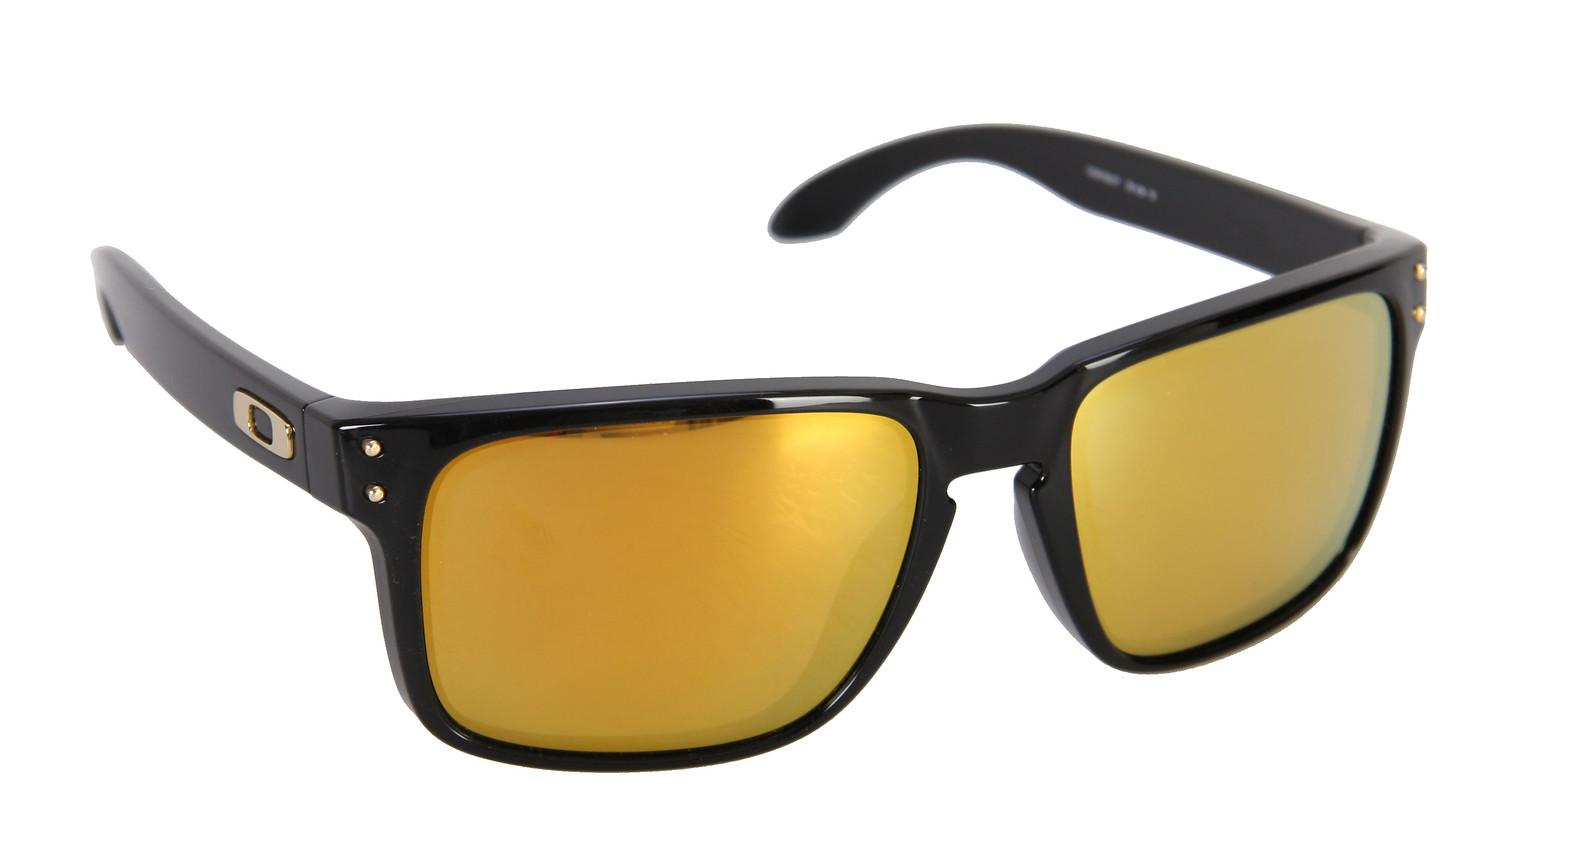 Oakley Holbrook Sunglasses Polished Black/24K Gold Irid Lens  oakley-holbrook-sngls-plshedblk24kgoldirid-10.jpg